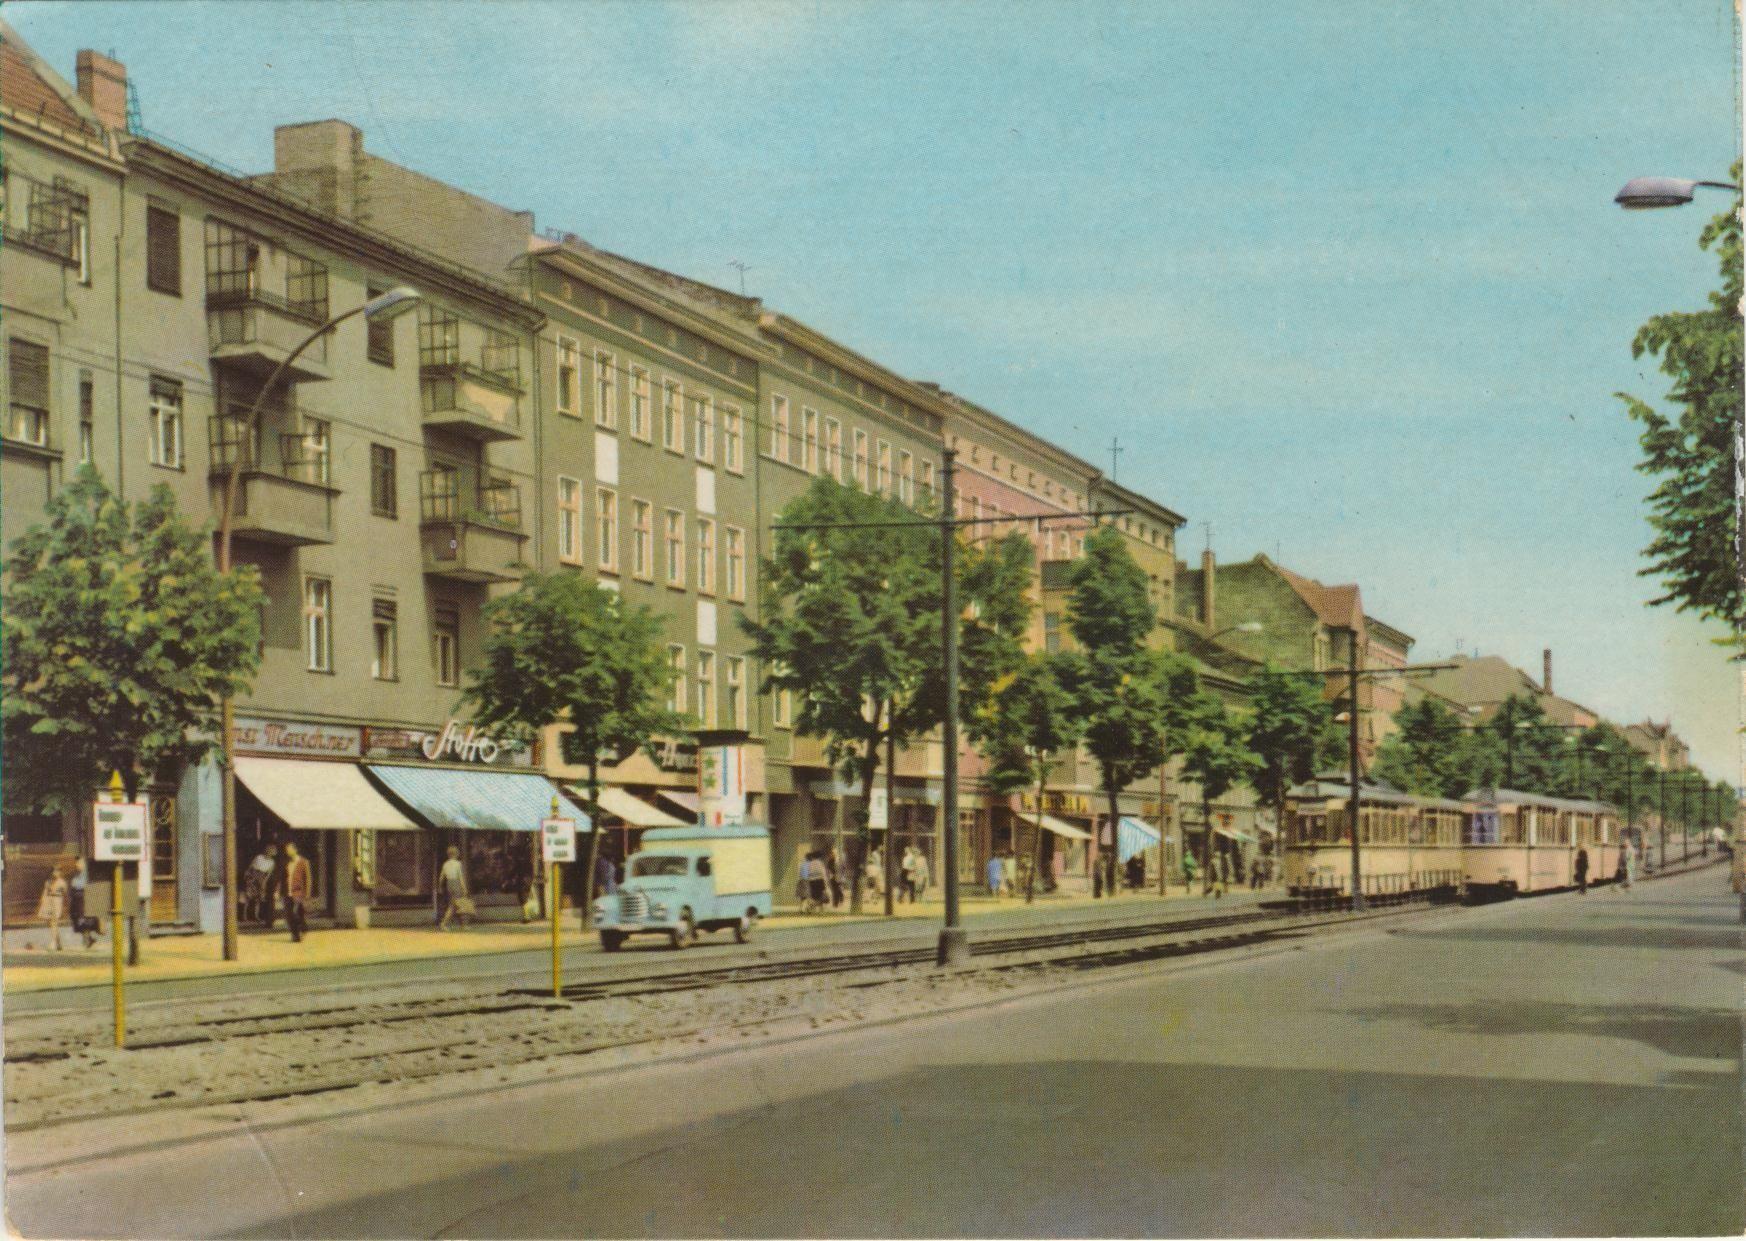 berlin klement gottwaldstrasse ddr ansichtskarten berlin ddr en weissensee. Black Bedroom Furniture Sets. Home Design Ideas